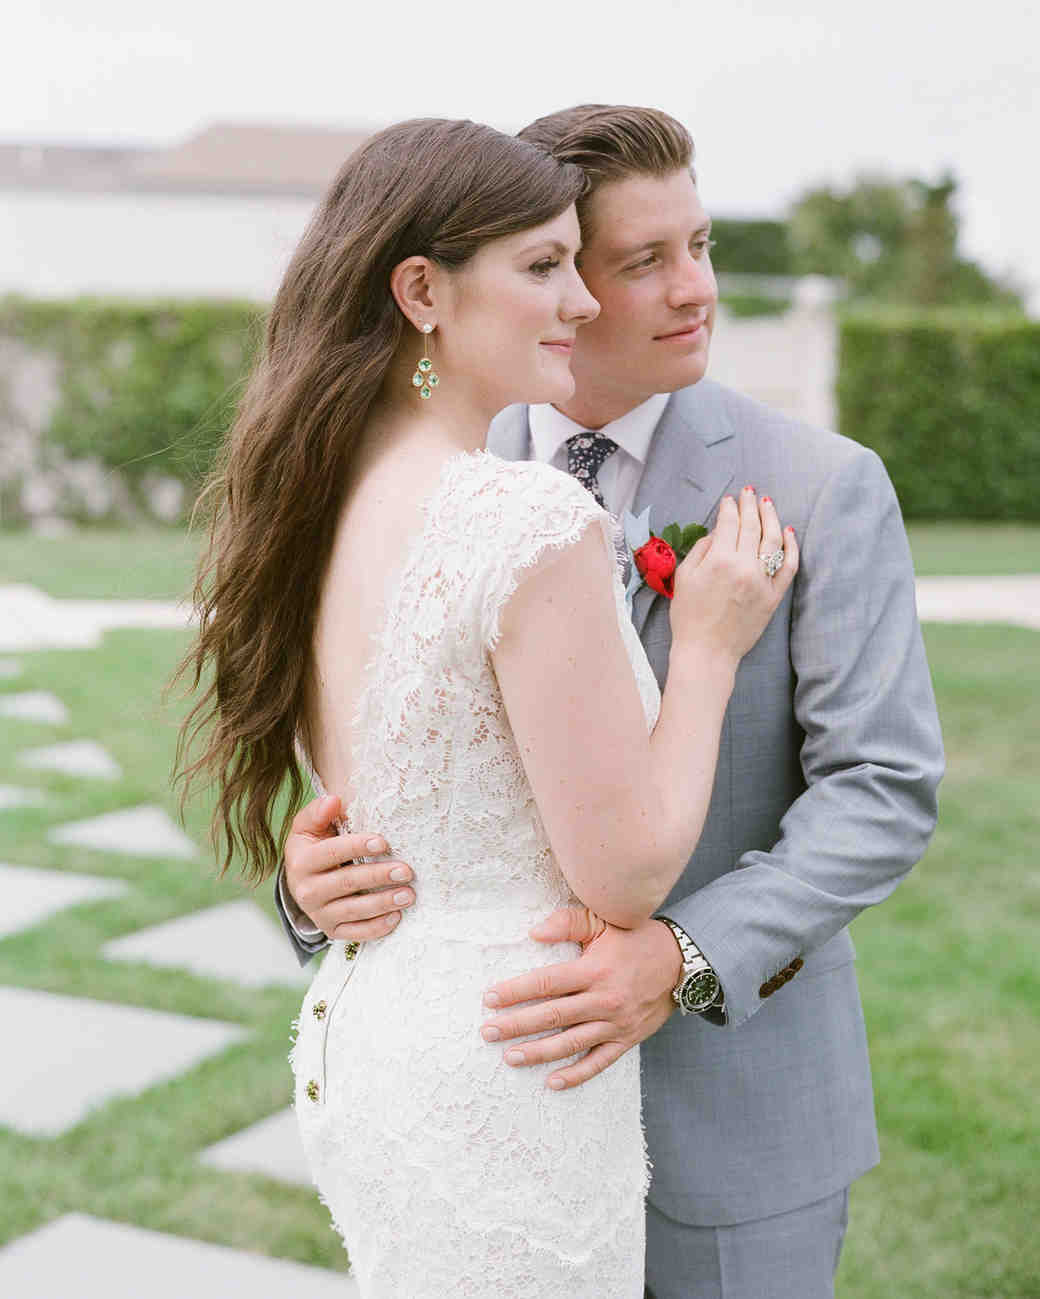 colleen stephen newport wedding couple embracing